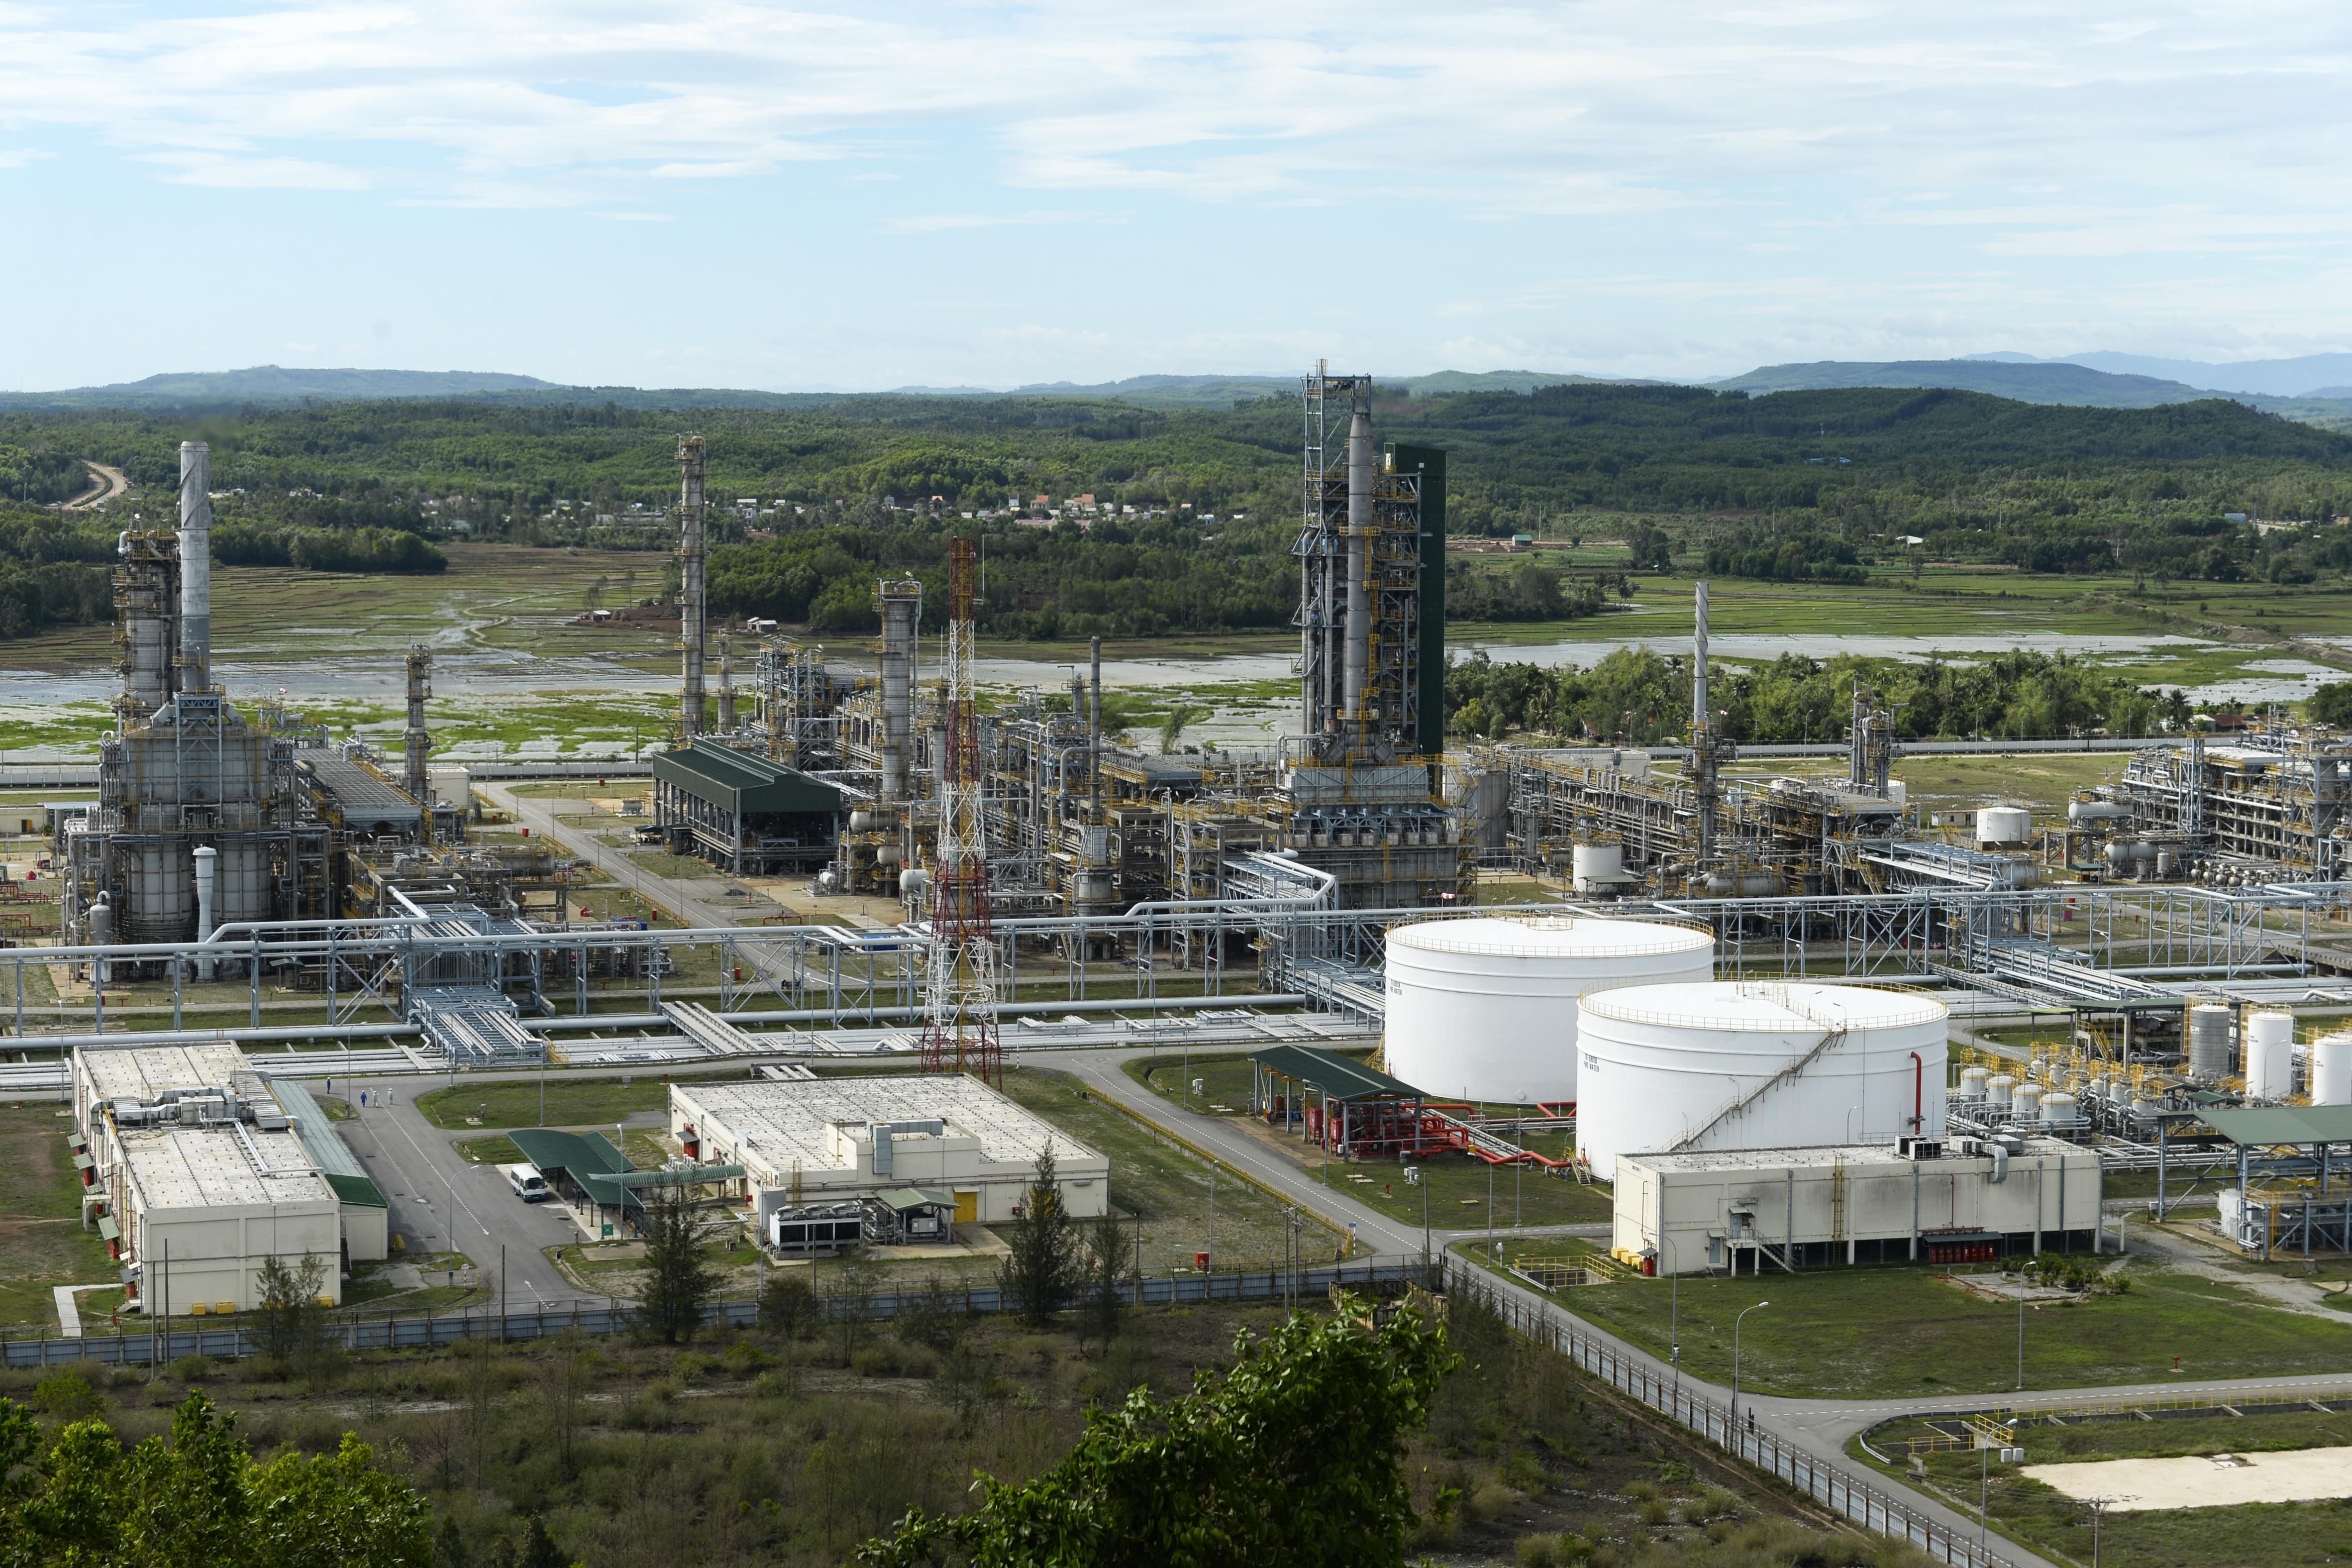 """Quyết nhanh giải pháp """"cấp cứu"""" trước khi các nhà máy lọc dầu kiệt sức, ngừng hoạt động"""